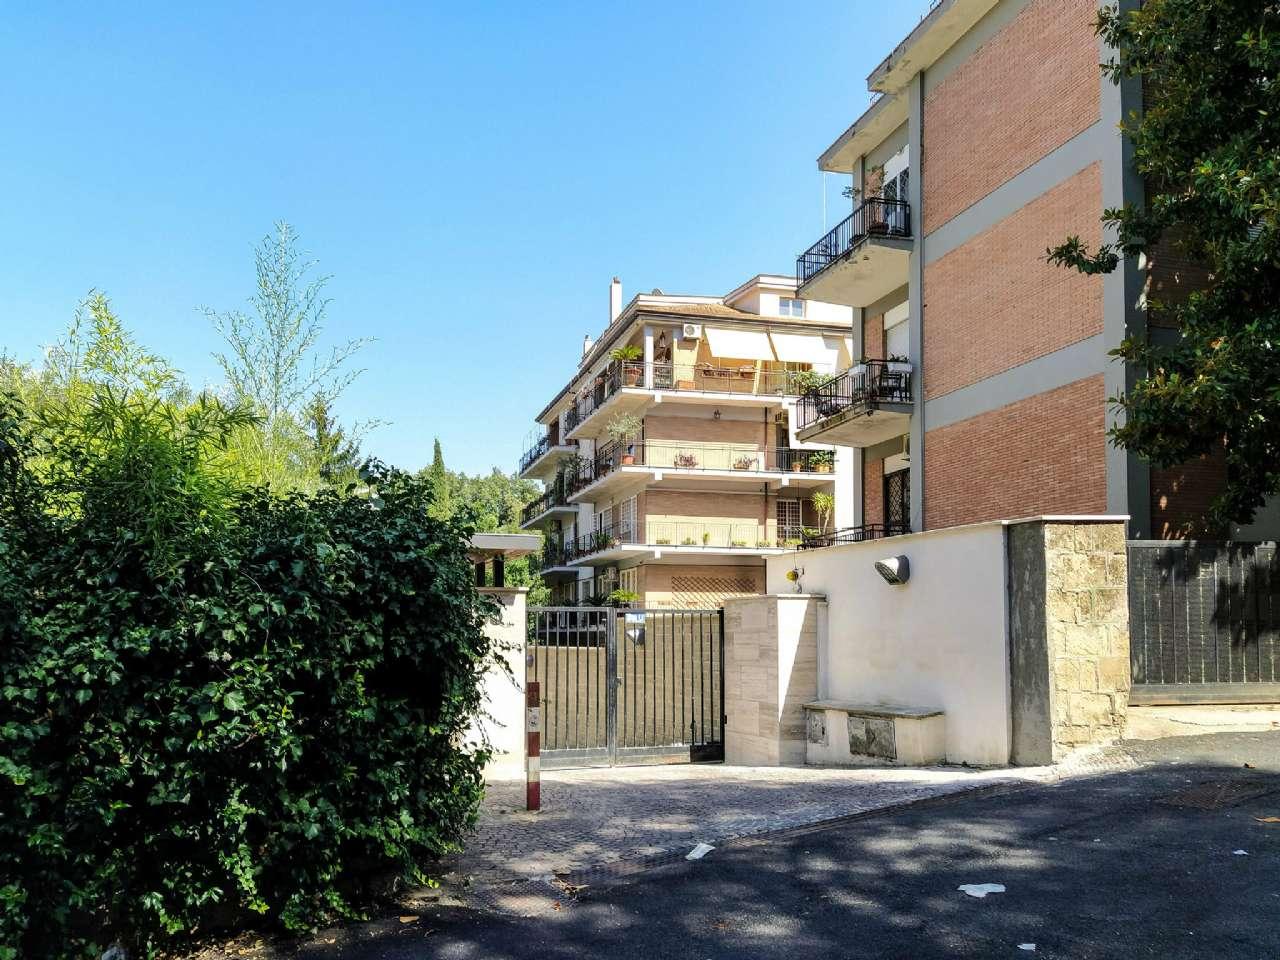 Cortina d'Ampezzo - Via della Mendola - Appartamento con cantina e posto auto, foto 1